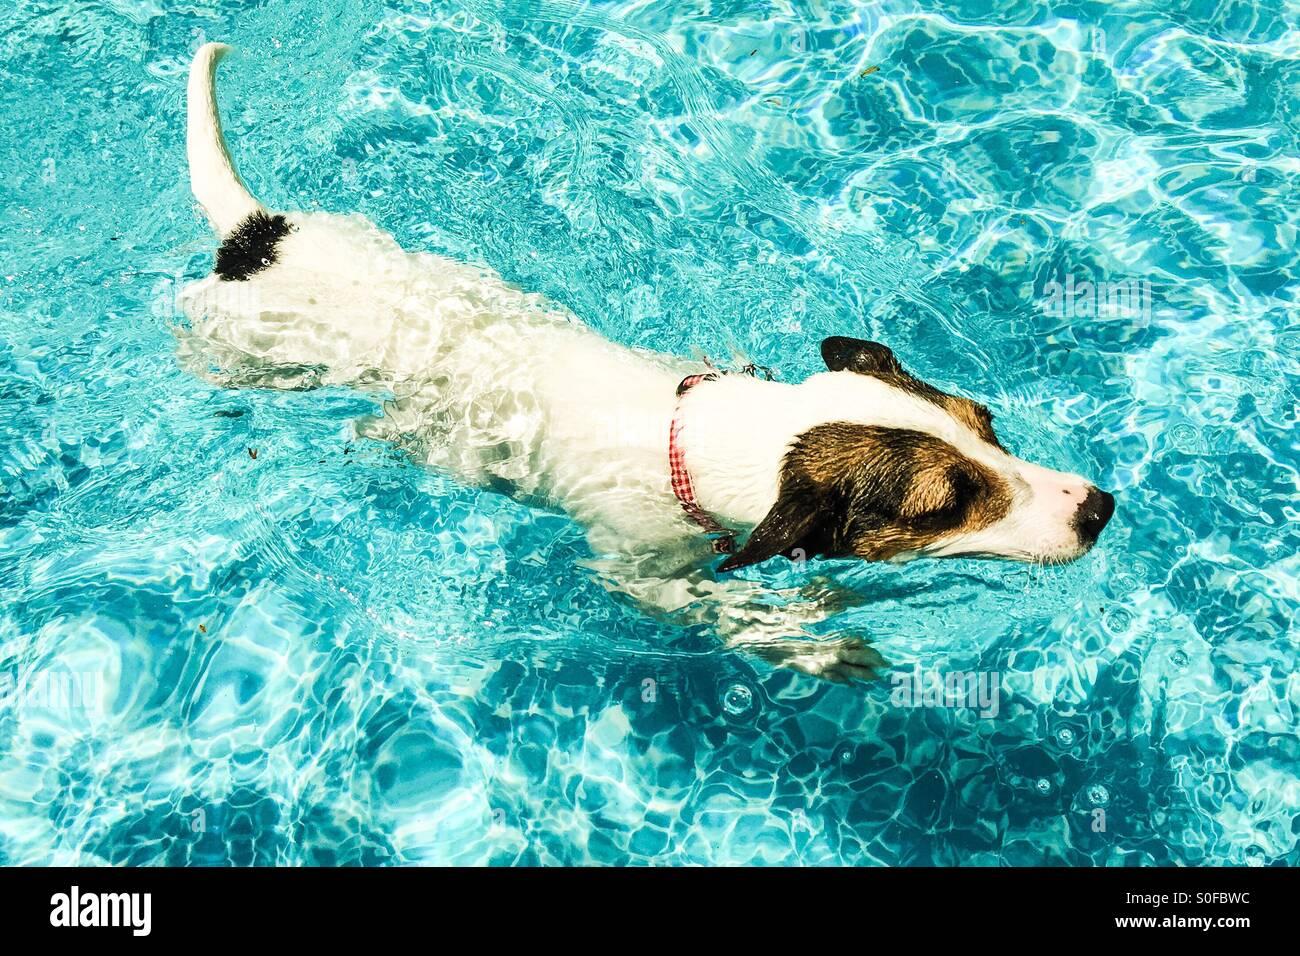 Piscine chien dans l'eau dans la piscine extérieure; éditer pastel. Photo Stock